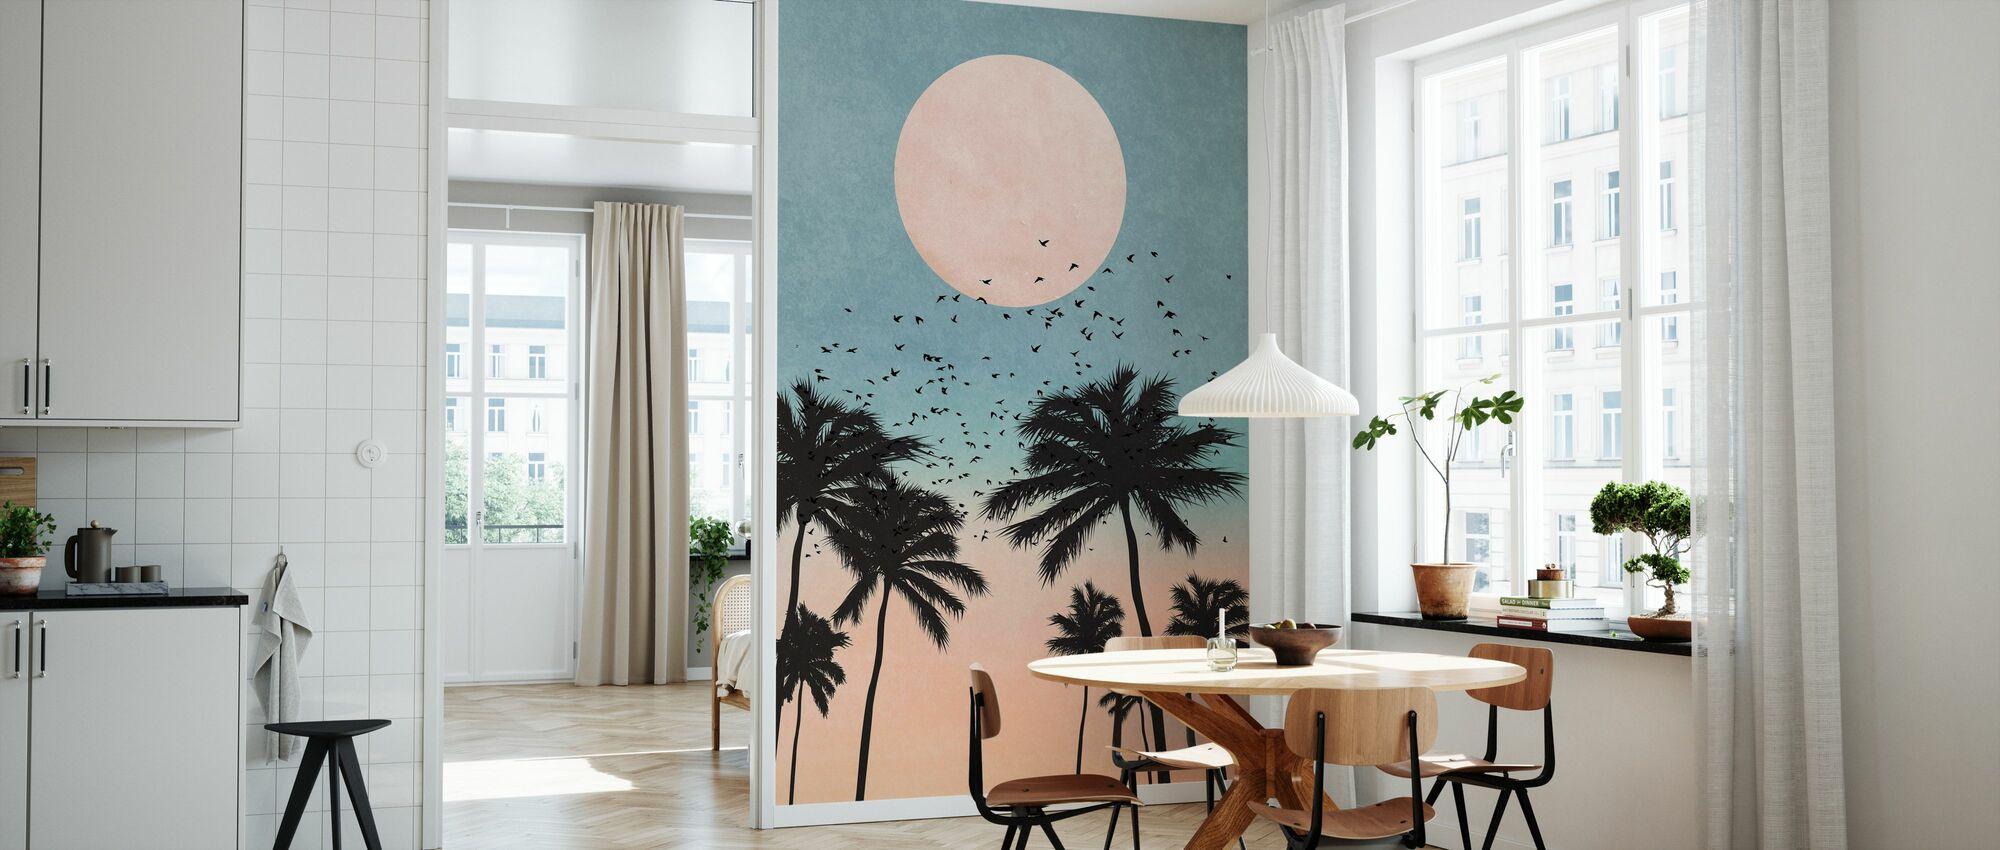 Sunrise - Wallpaper - Kitchen